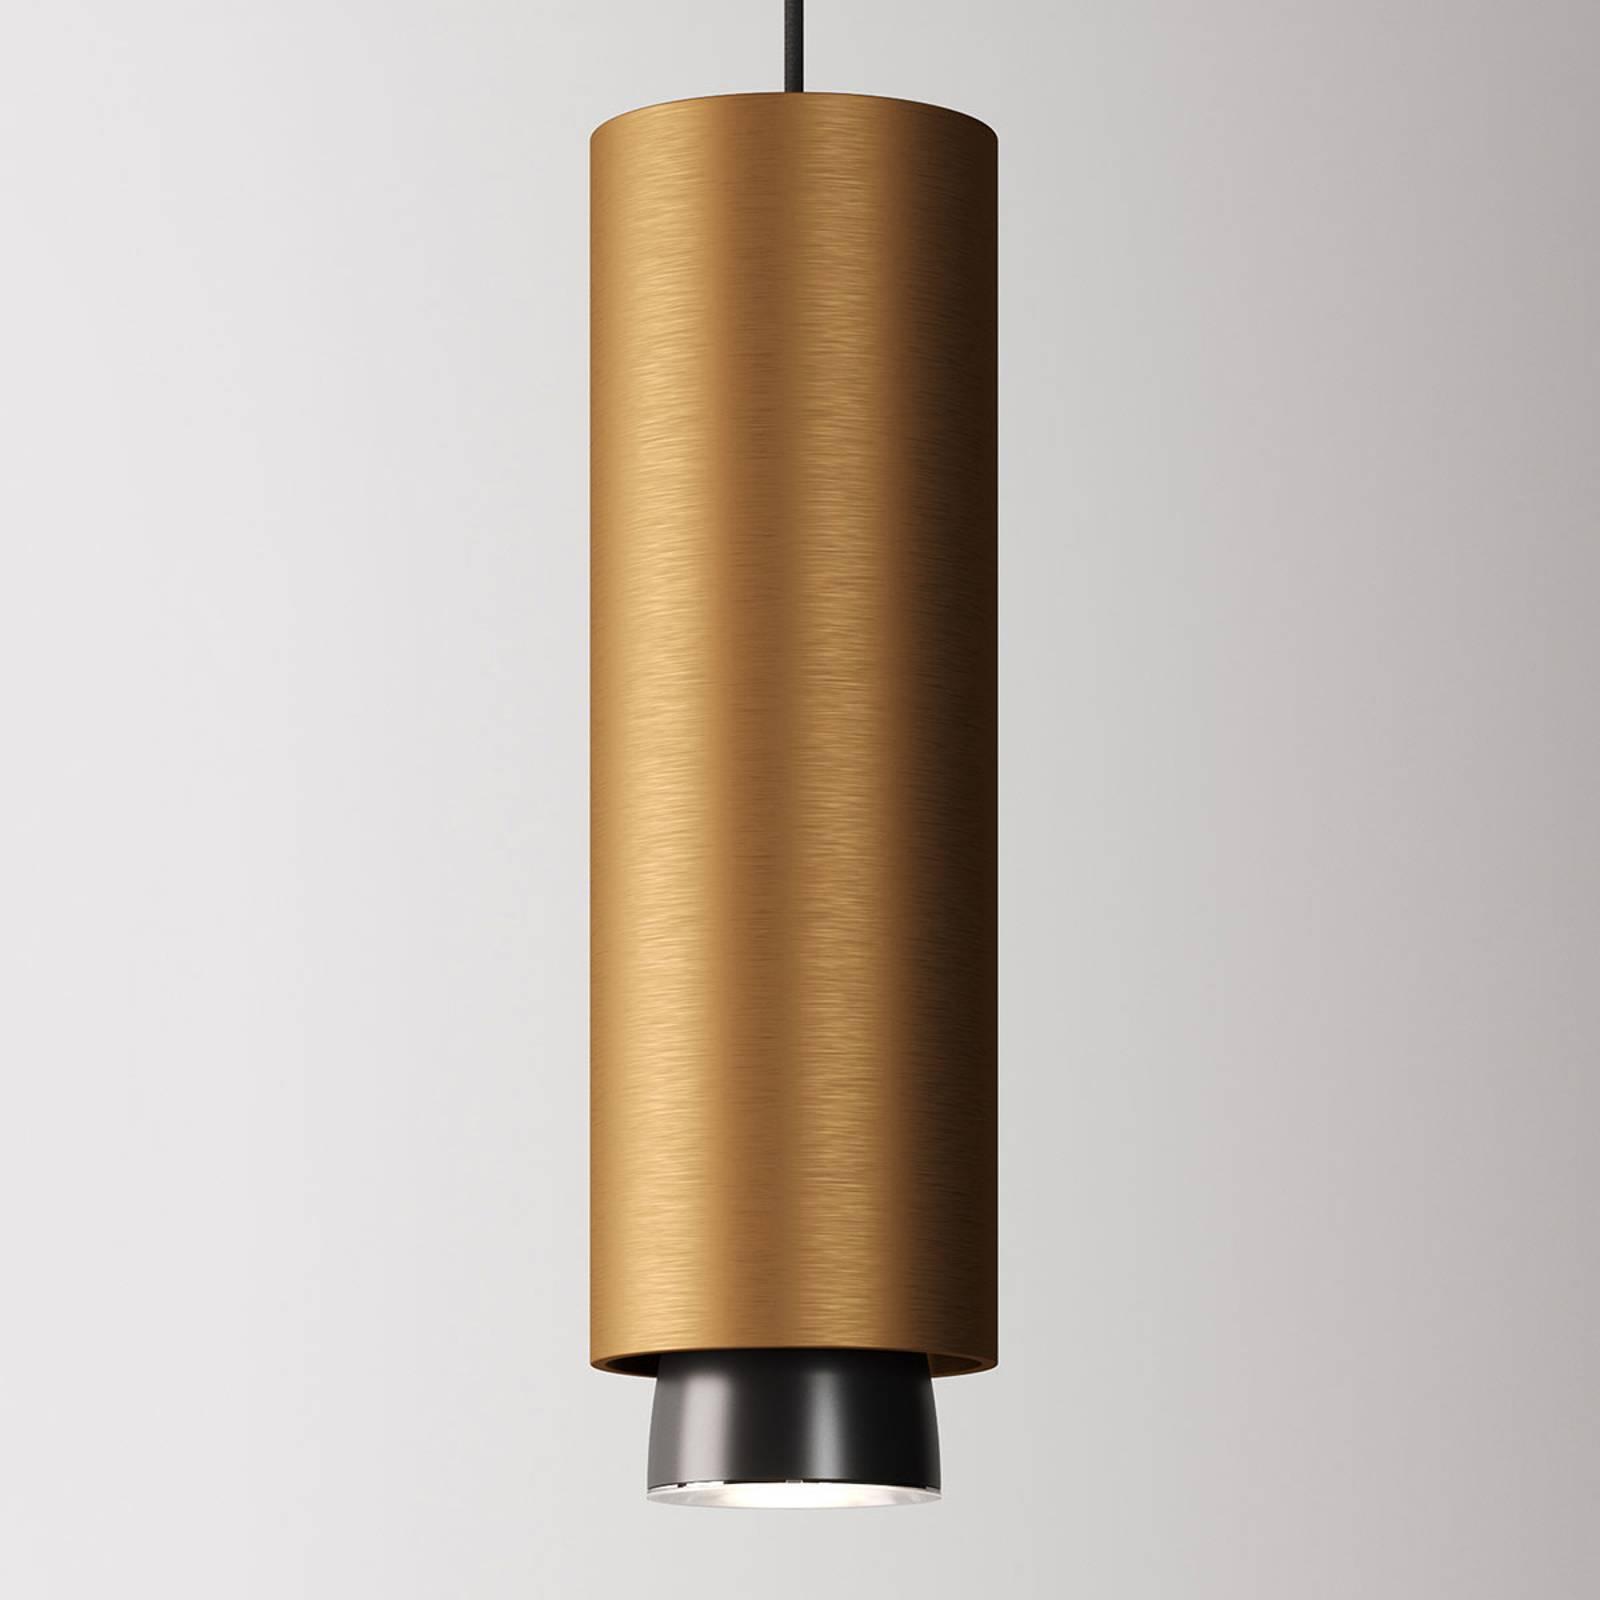 Fabbian Claque LED-Hängeleuchte 30 cm bronze